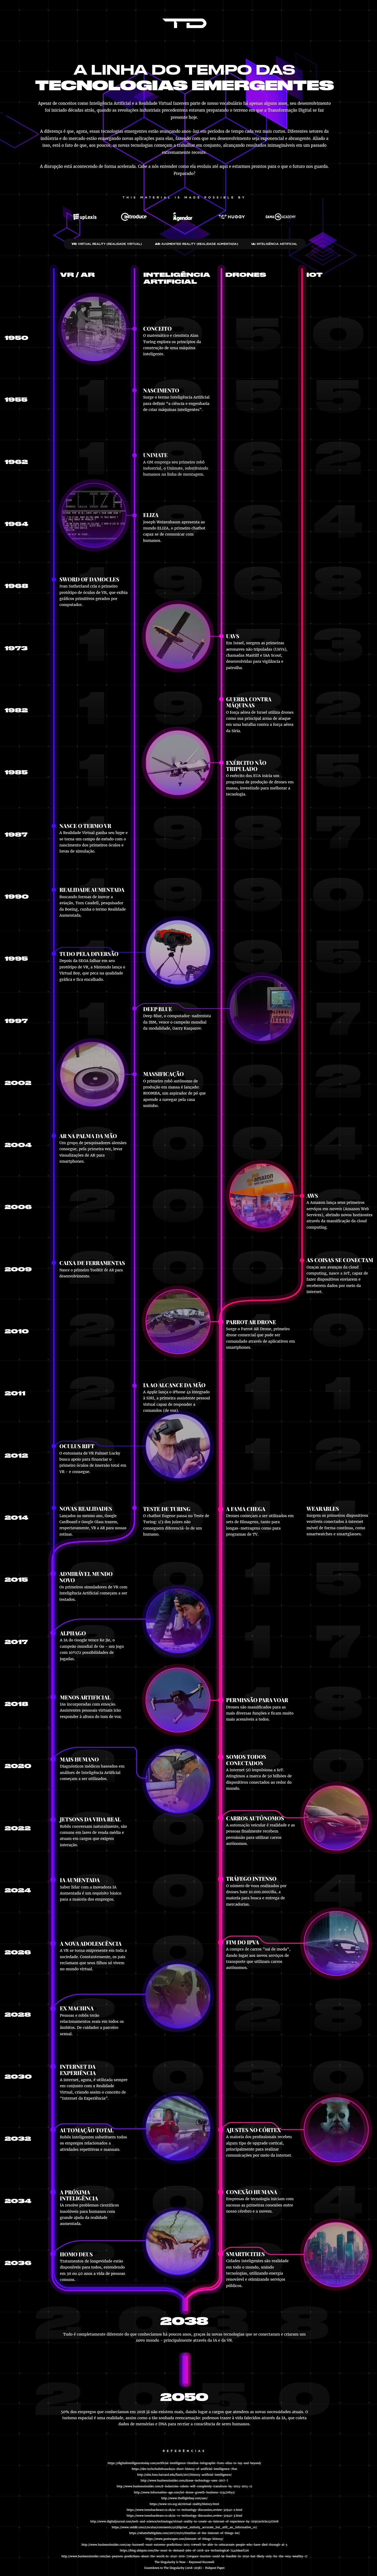 Infográfico traça linha do tempo de tecnologias como VR, drones e IoT